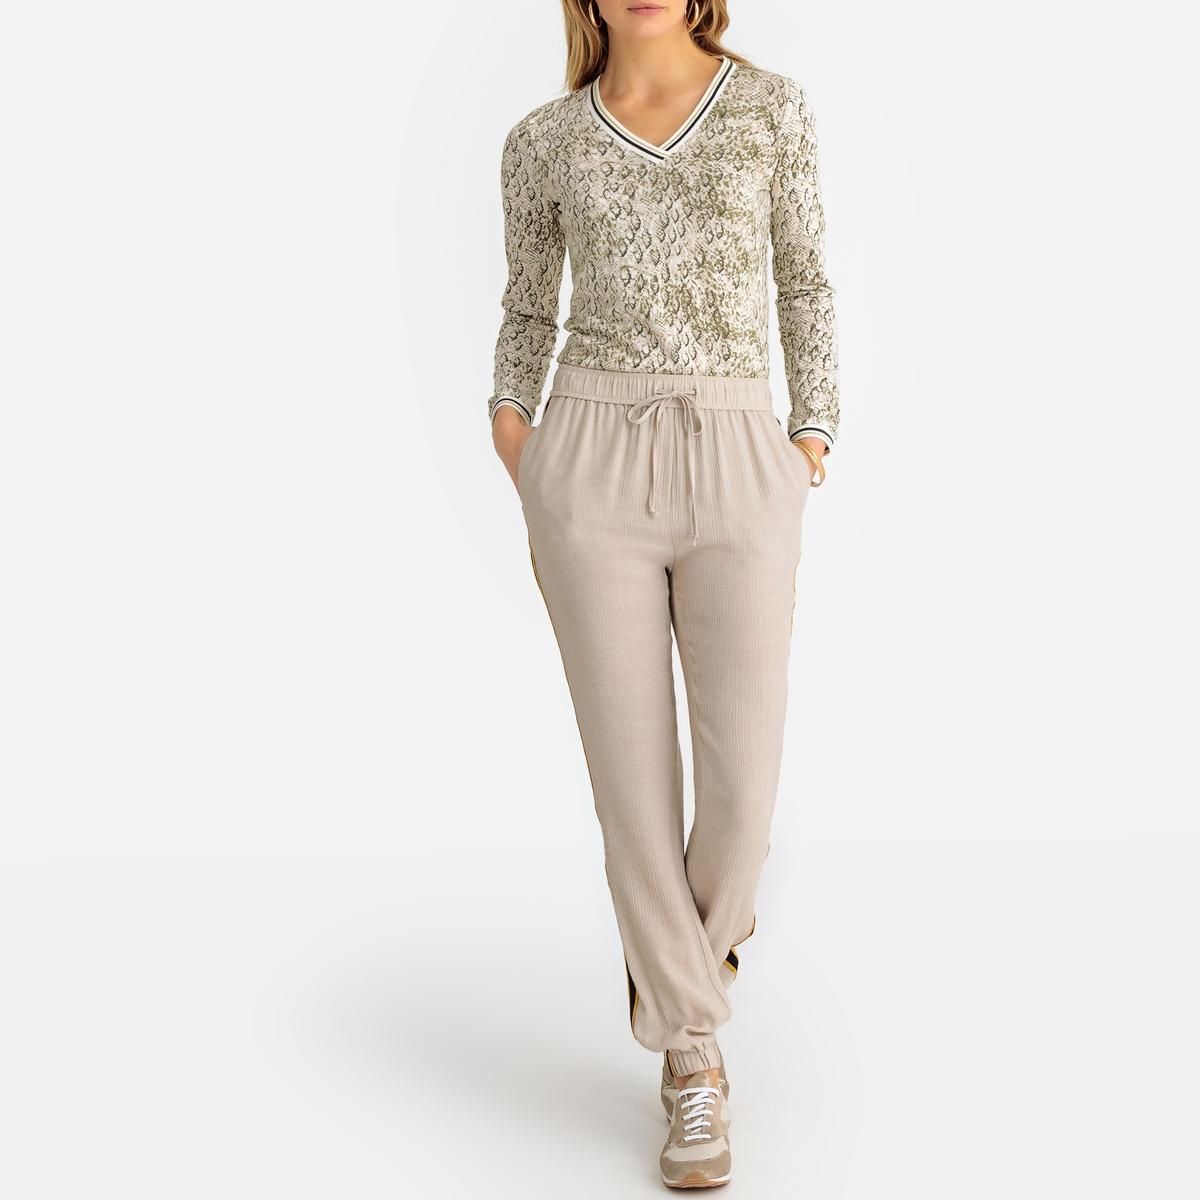 Imagen adicional 3 de producto de Pantalón recto, vaporoso - Anne weyburn